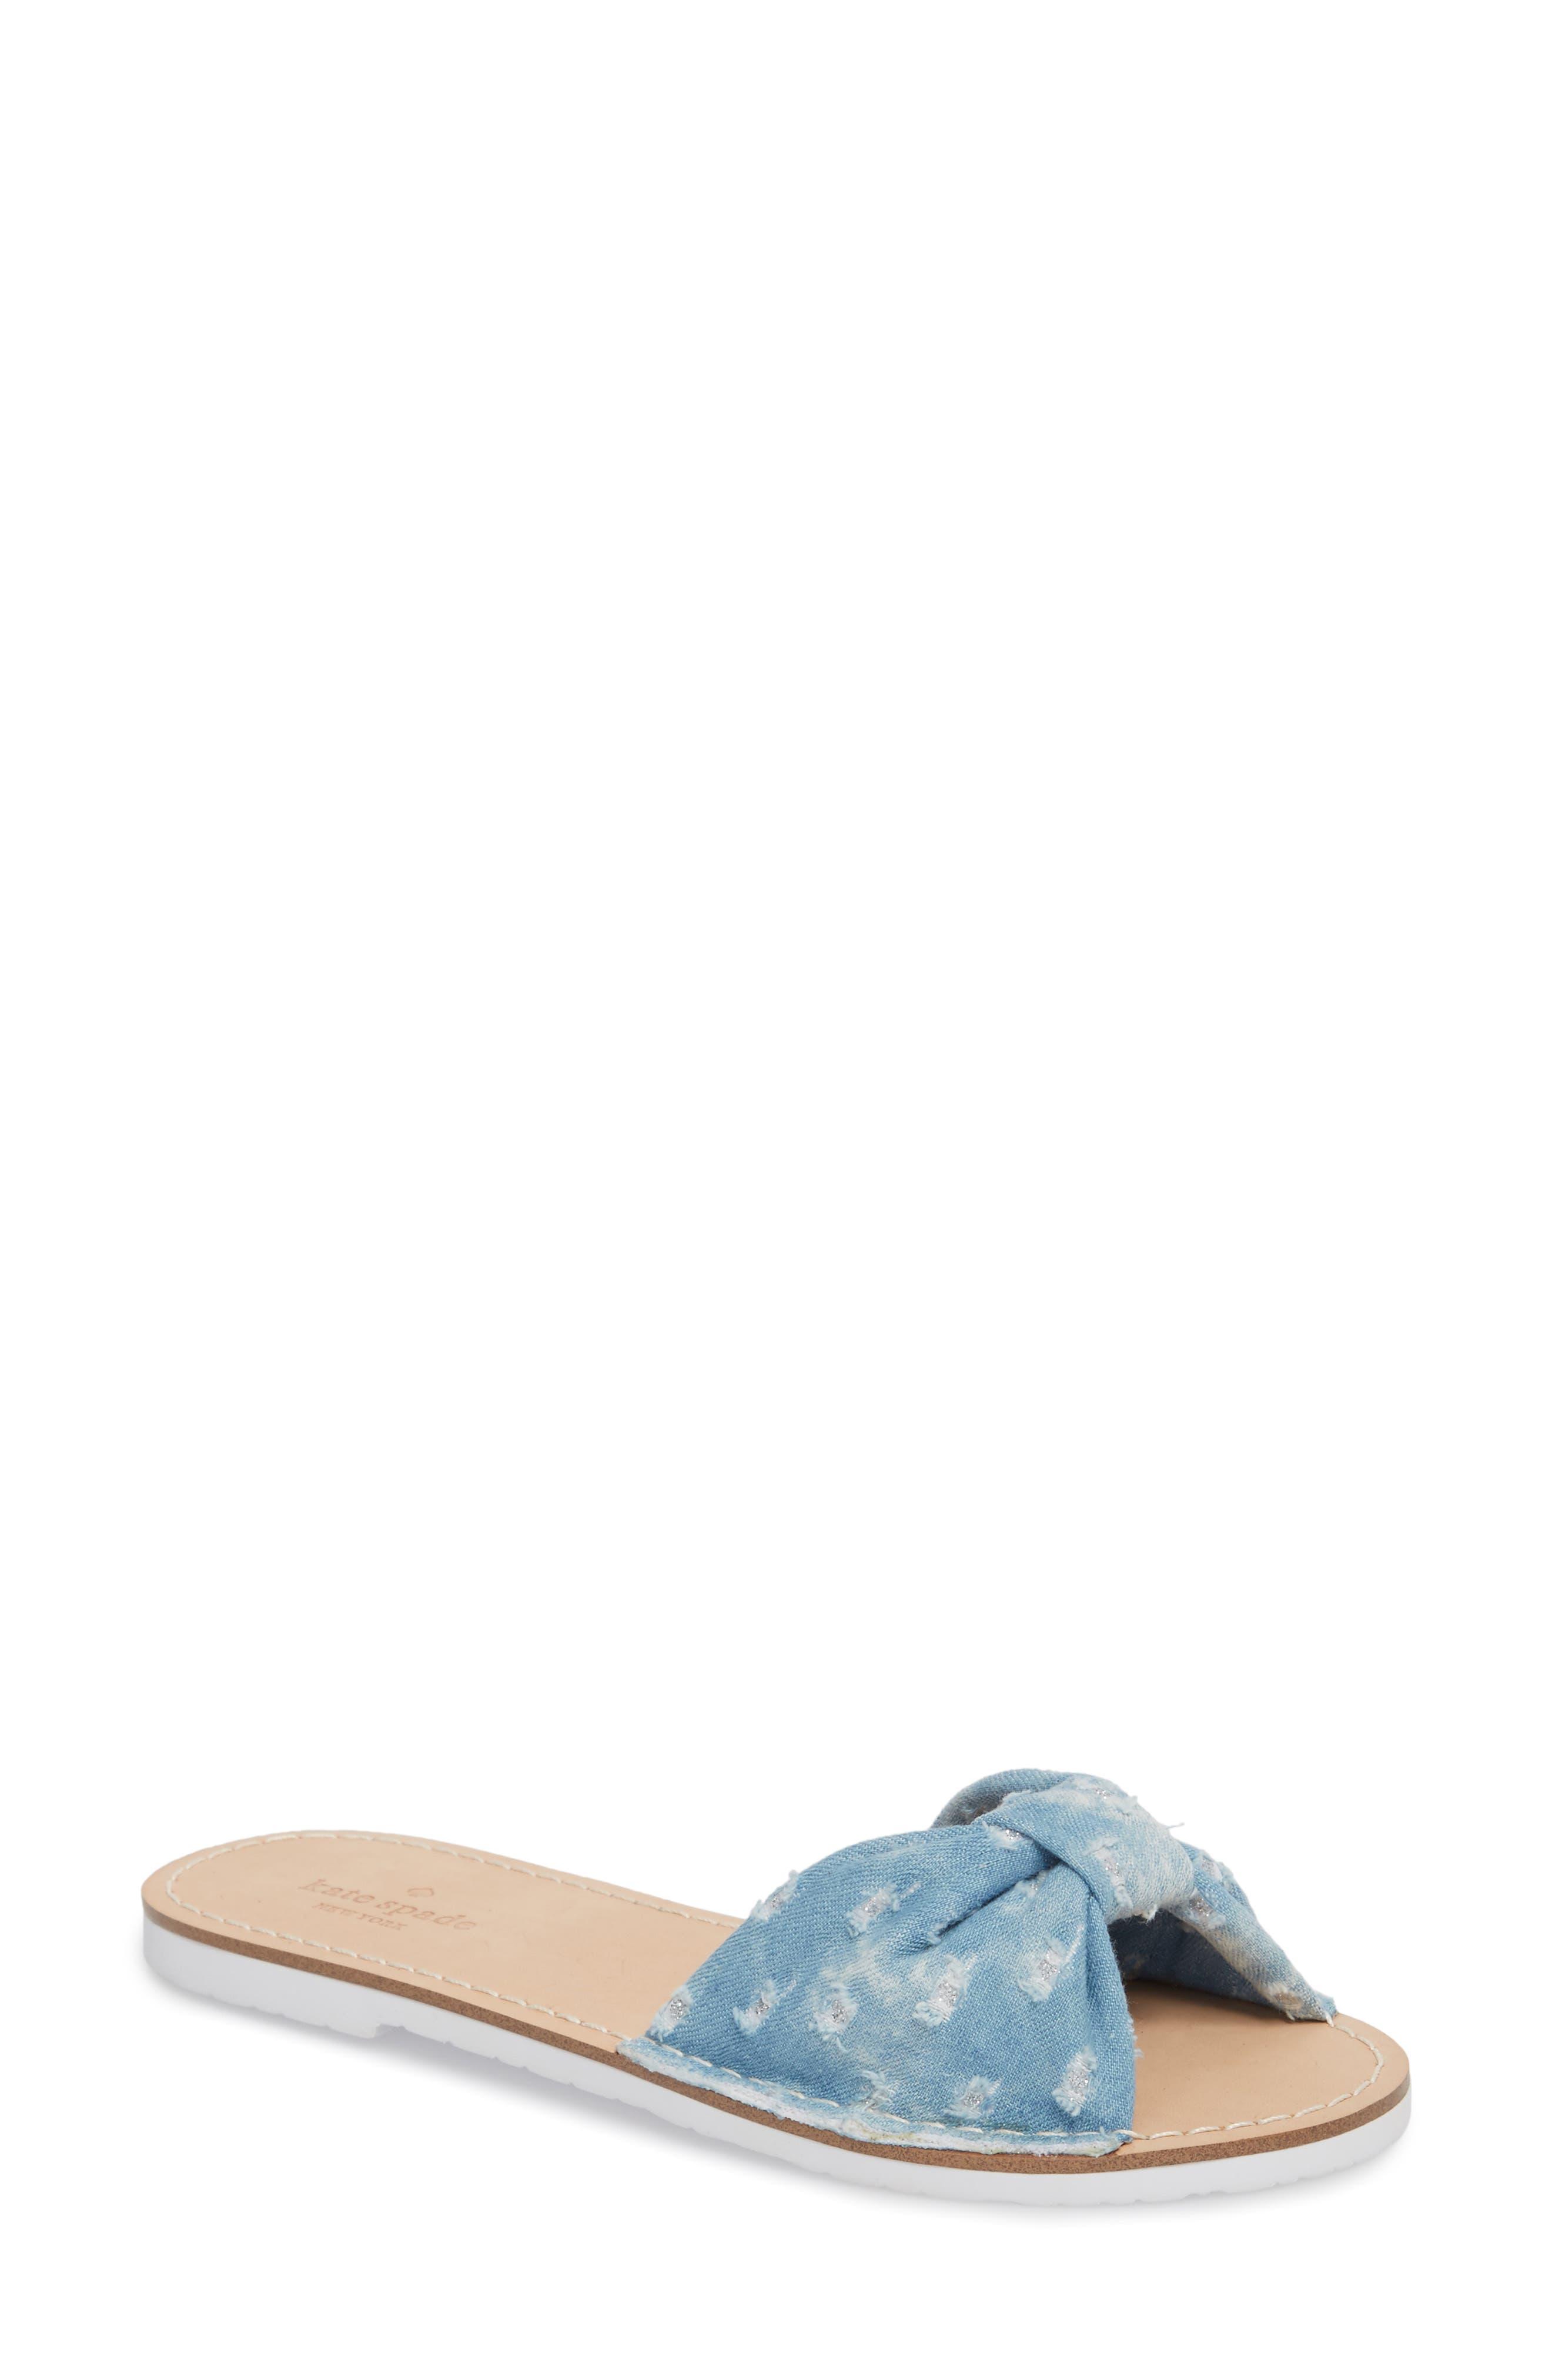 indi slide sandal,                         Main,                         color,